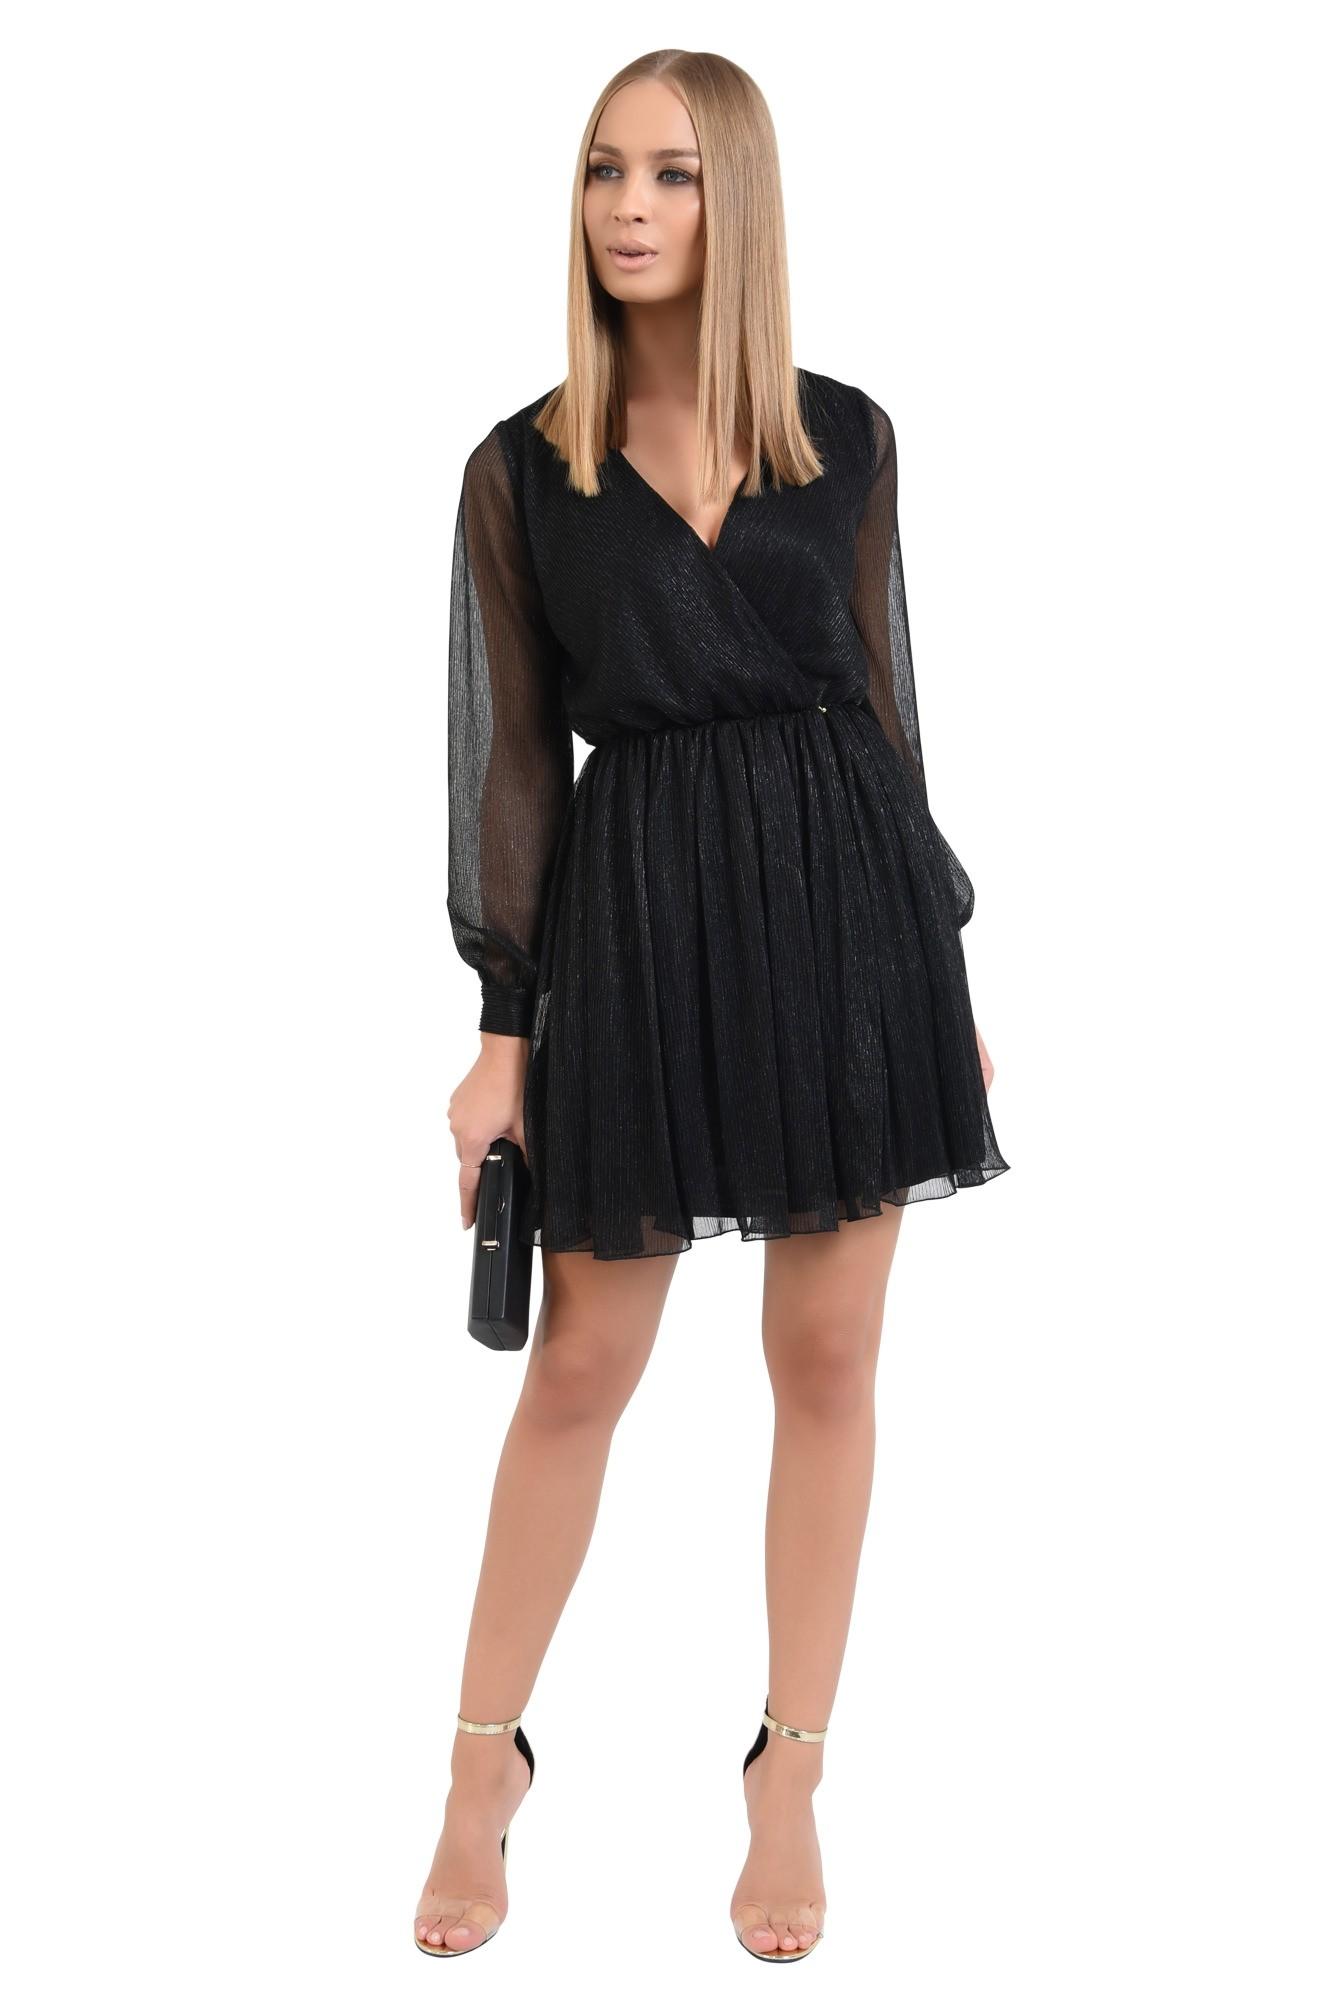 360 - rochie eleganta, mini, anchior petrecut, negru